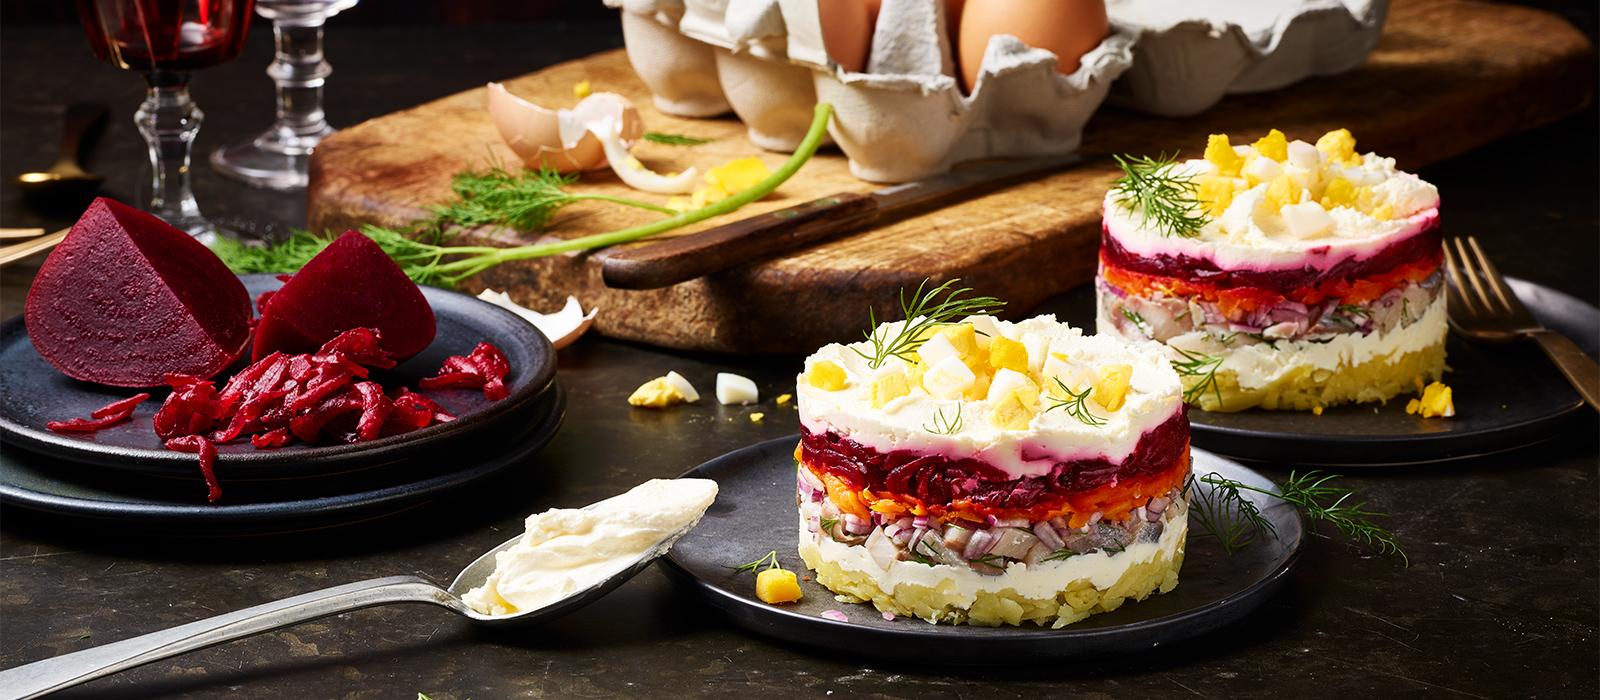 Shuba - Rote Bete Salat mit Matjes